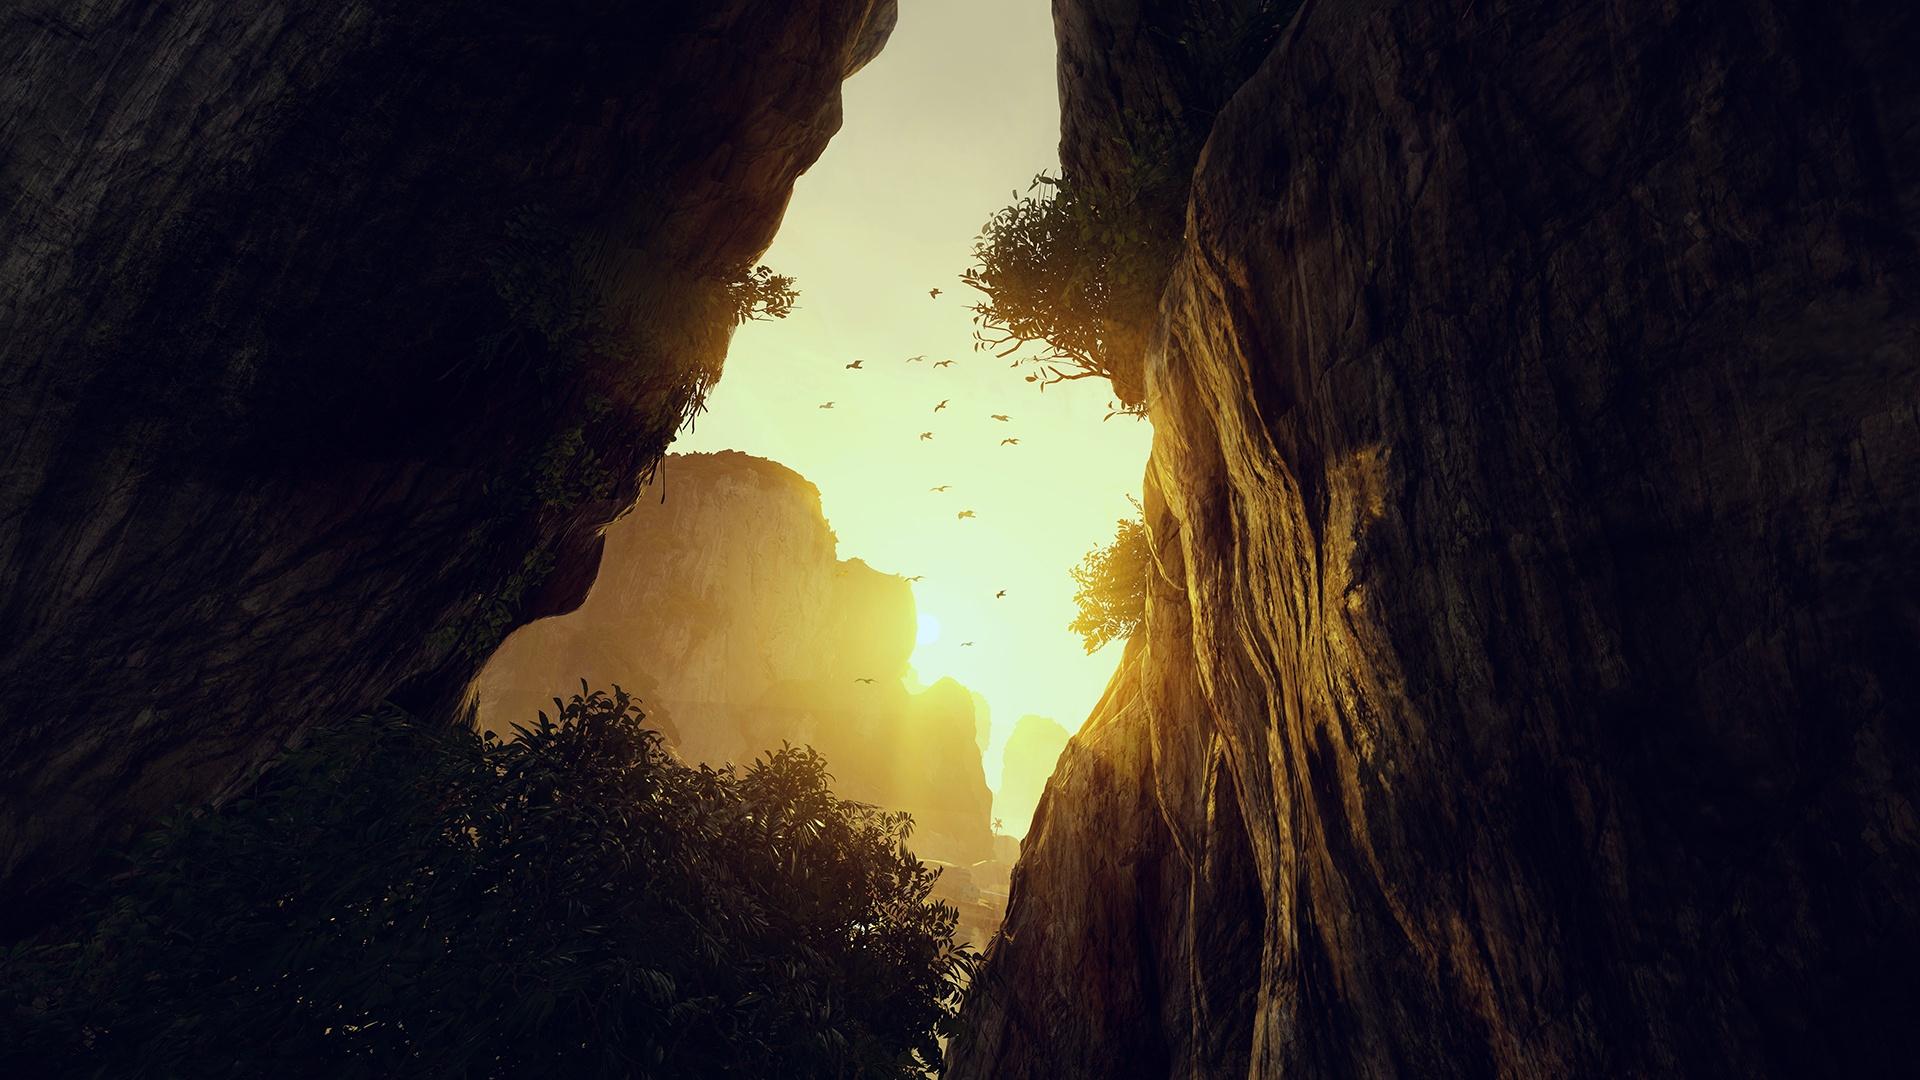 Nuevo juego de realidad virtual llamada The Climb una nueva experiencia